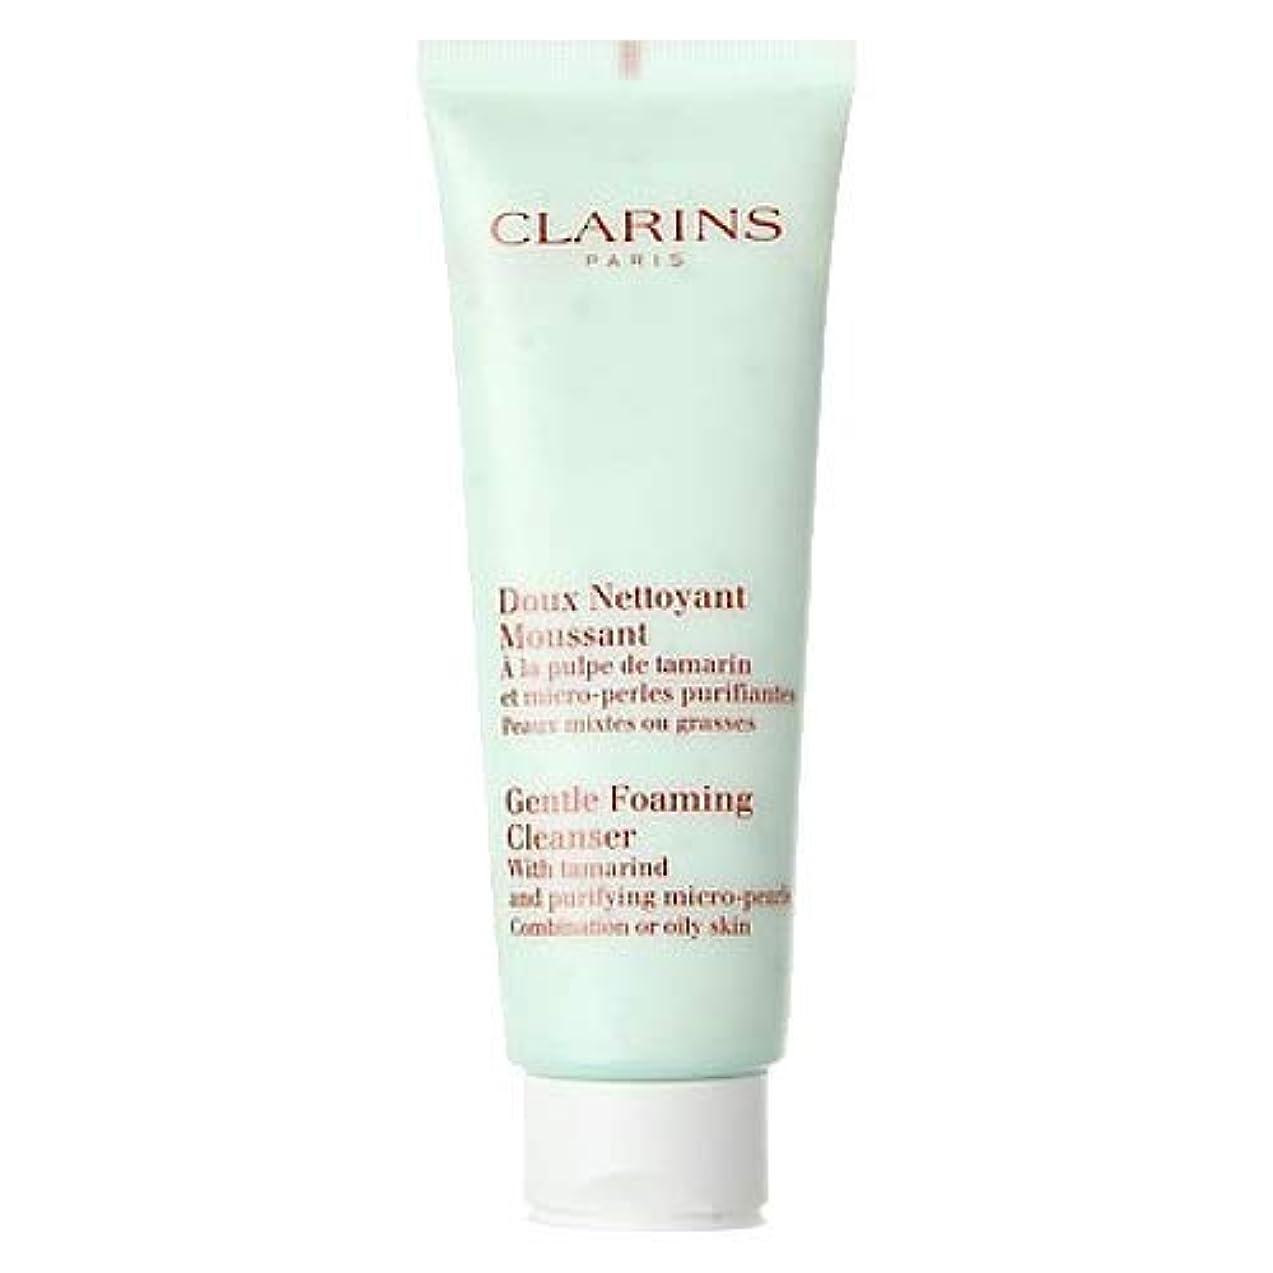 改善する人気のおとなしいクラランス(CLARINS) ジェントル フォーミング クレンザー (コンビネーション/オイリー) 125ml [並行輸入品]